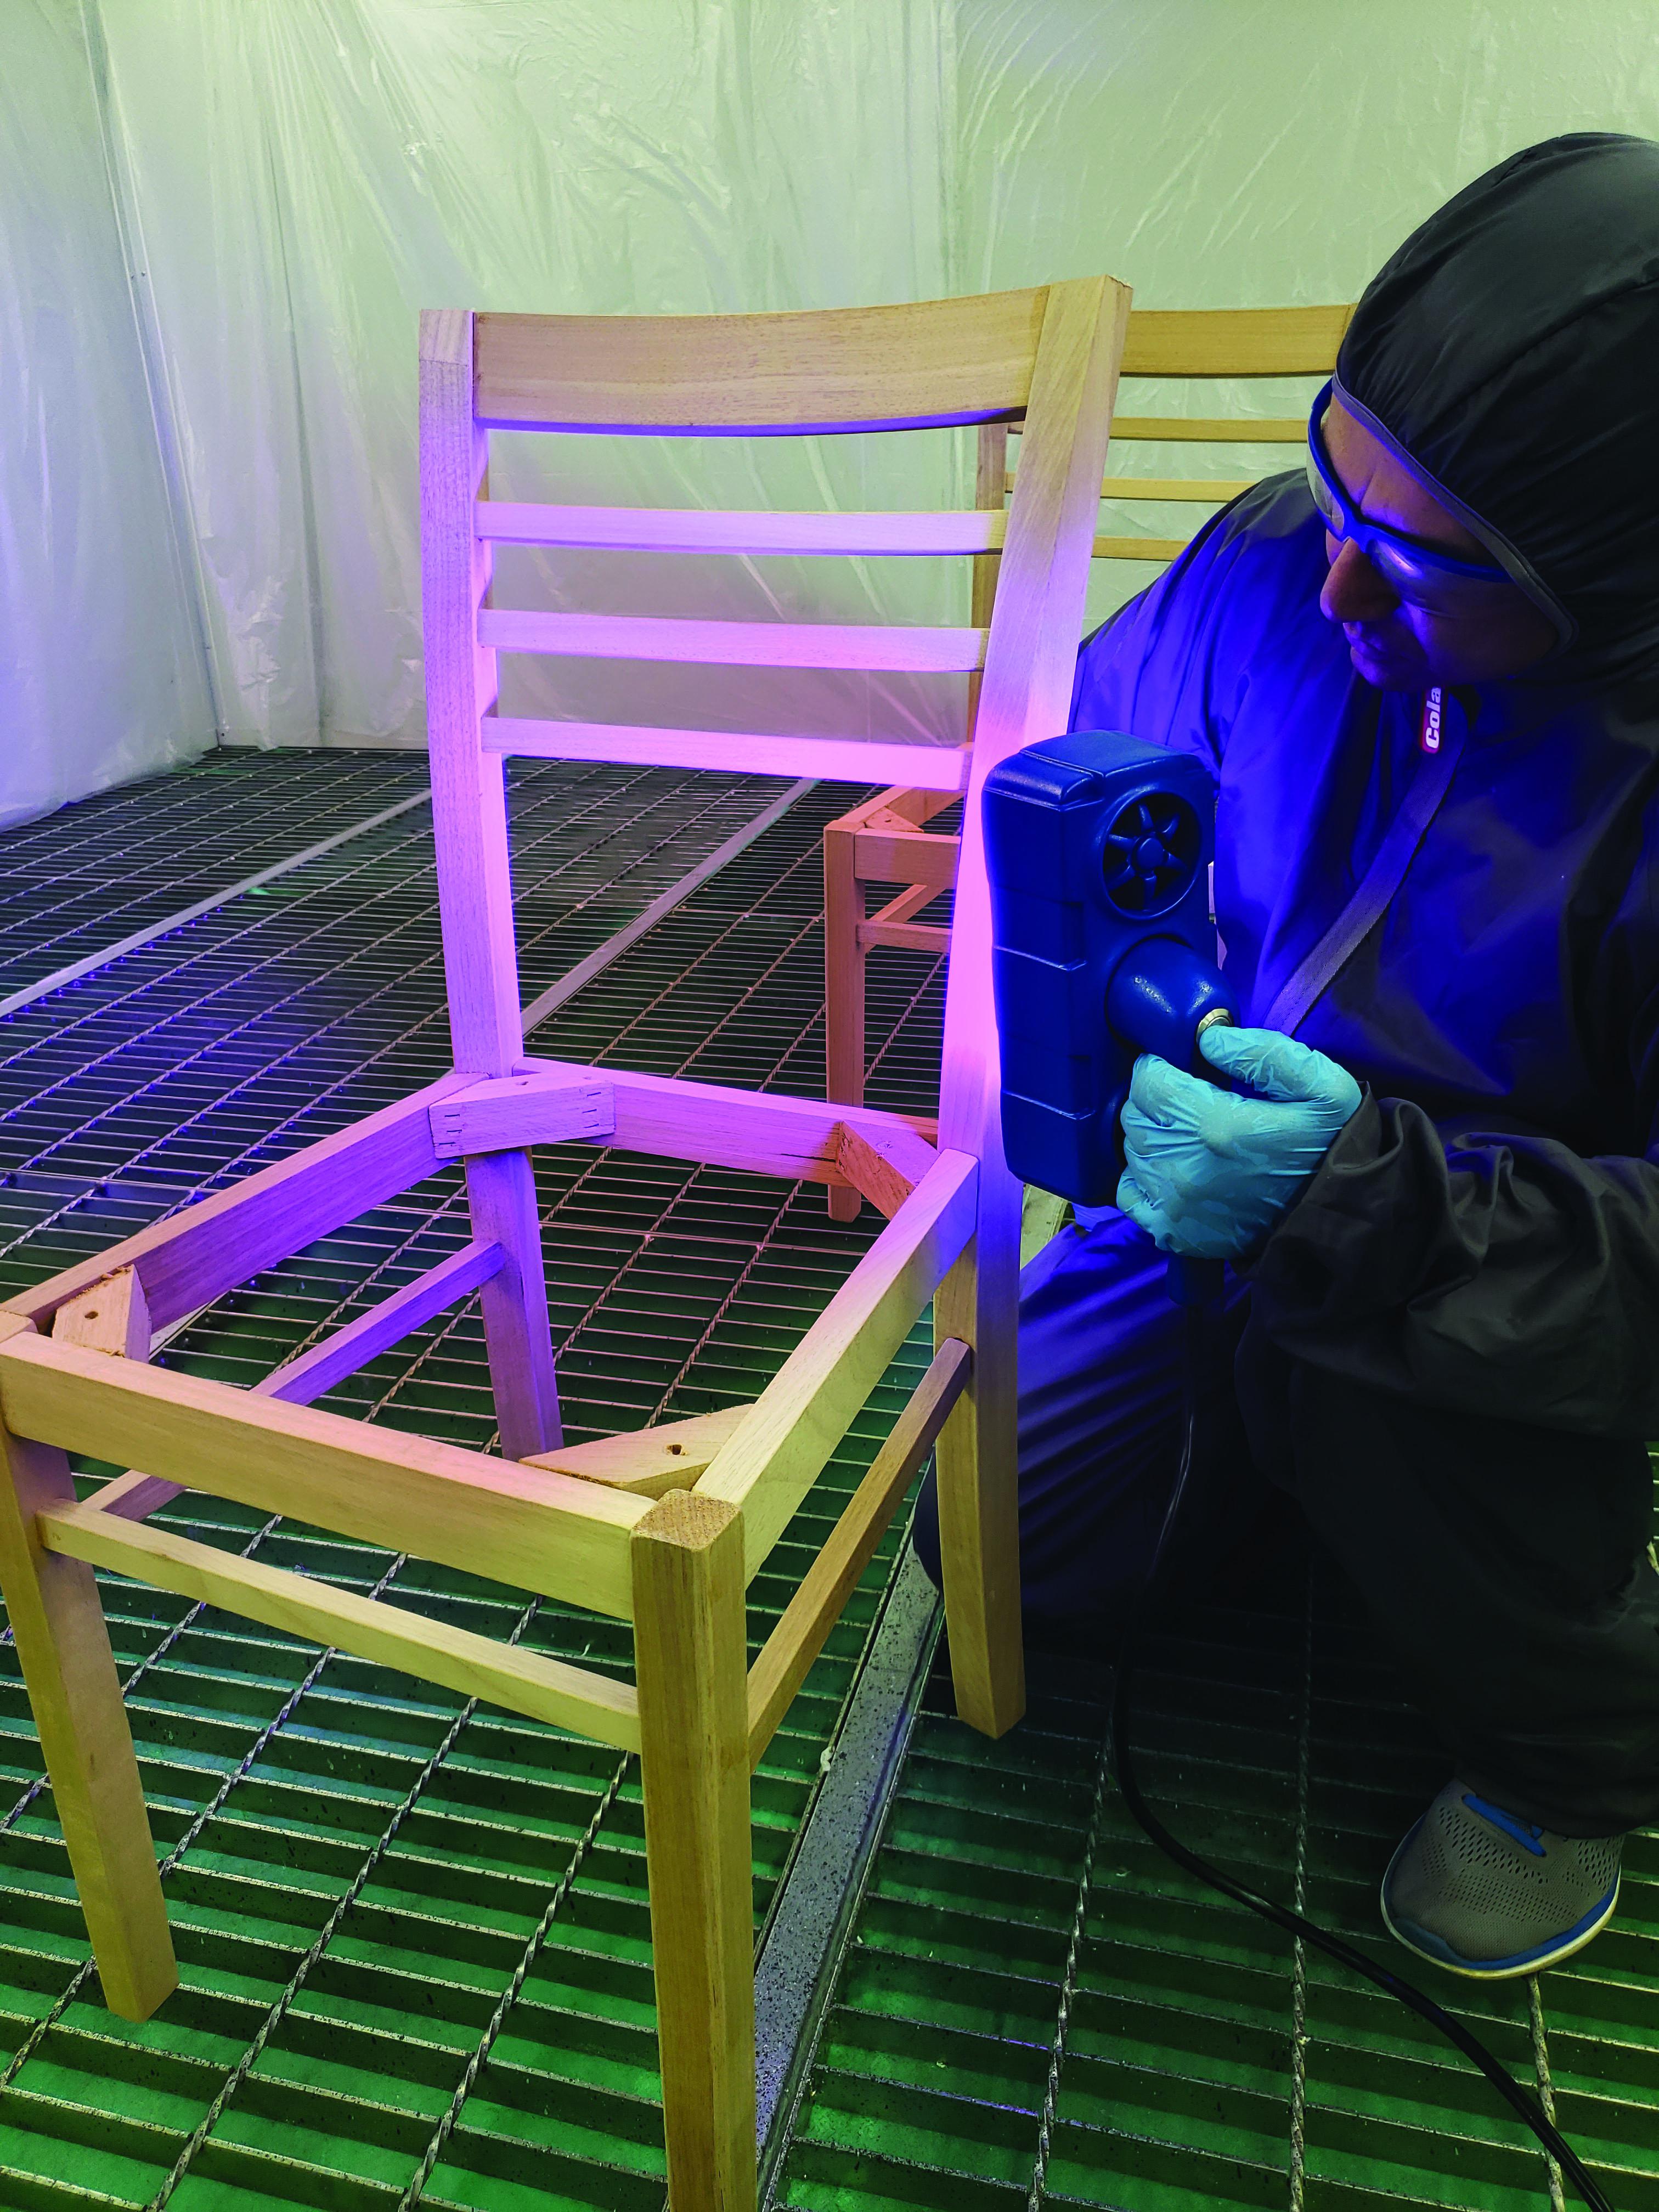 Doxa Technologies apresenta novo equipamento com a tecnologia Fast Curing System específico para uso moveleiro e industrial